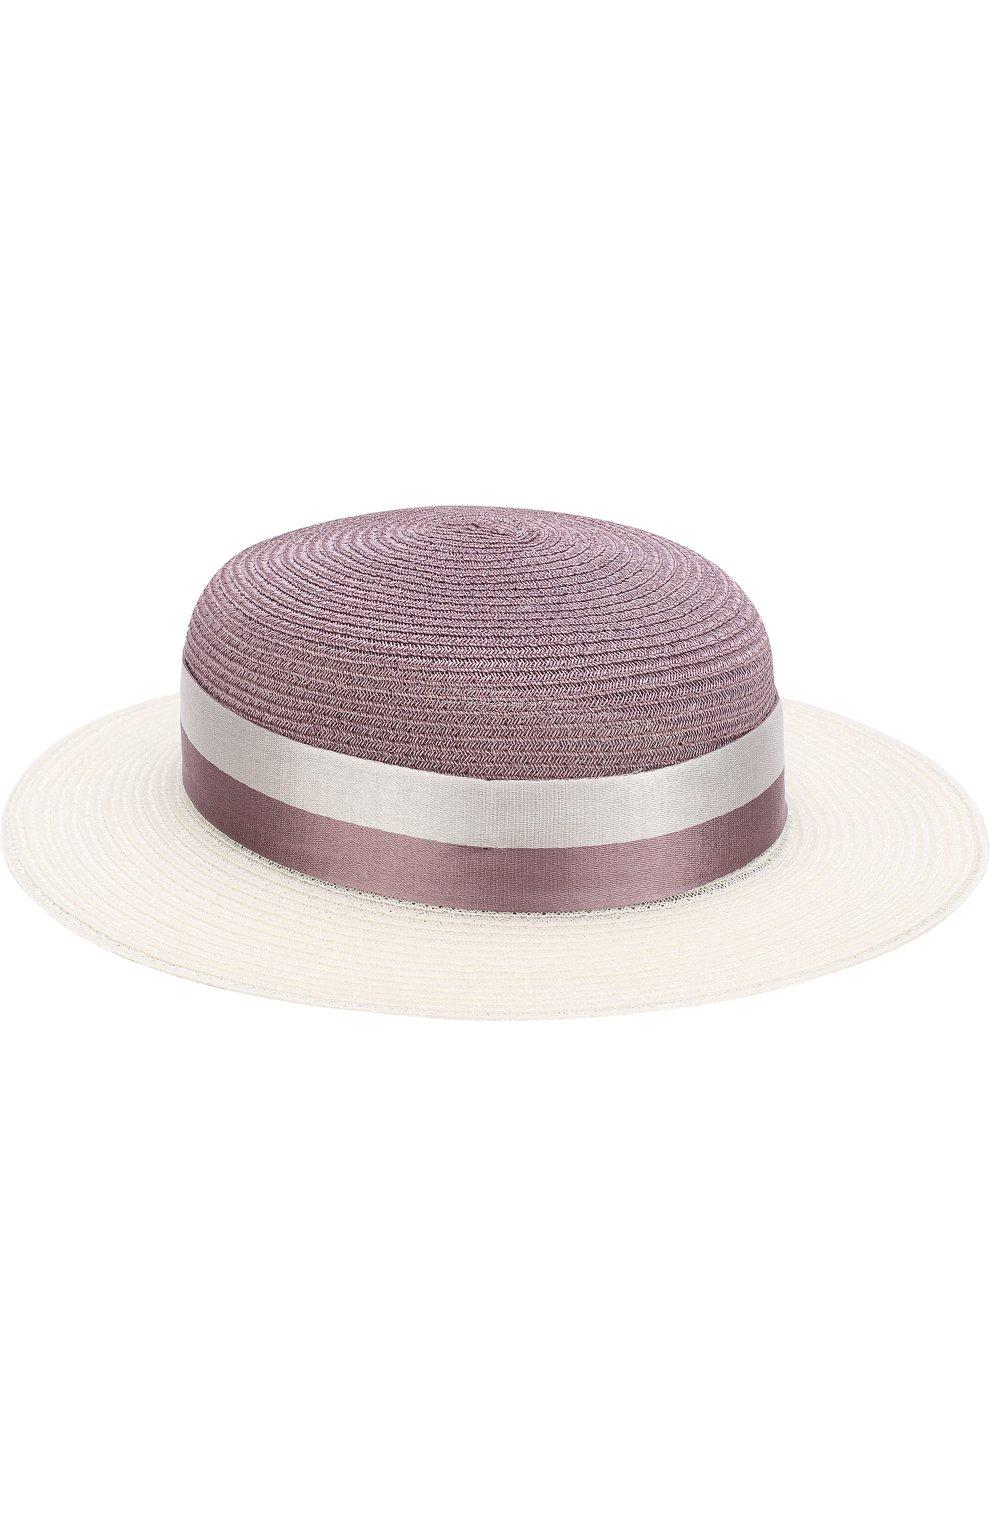 Женская шляпа rod с лентой MAISON MICHEL сиреневого цвета, арт. 1062015004/R0D   Фото 1